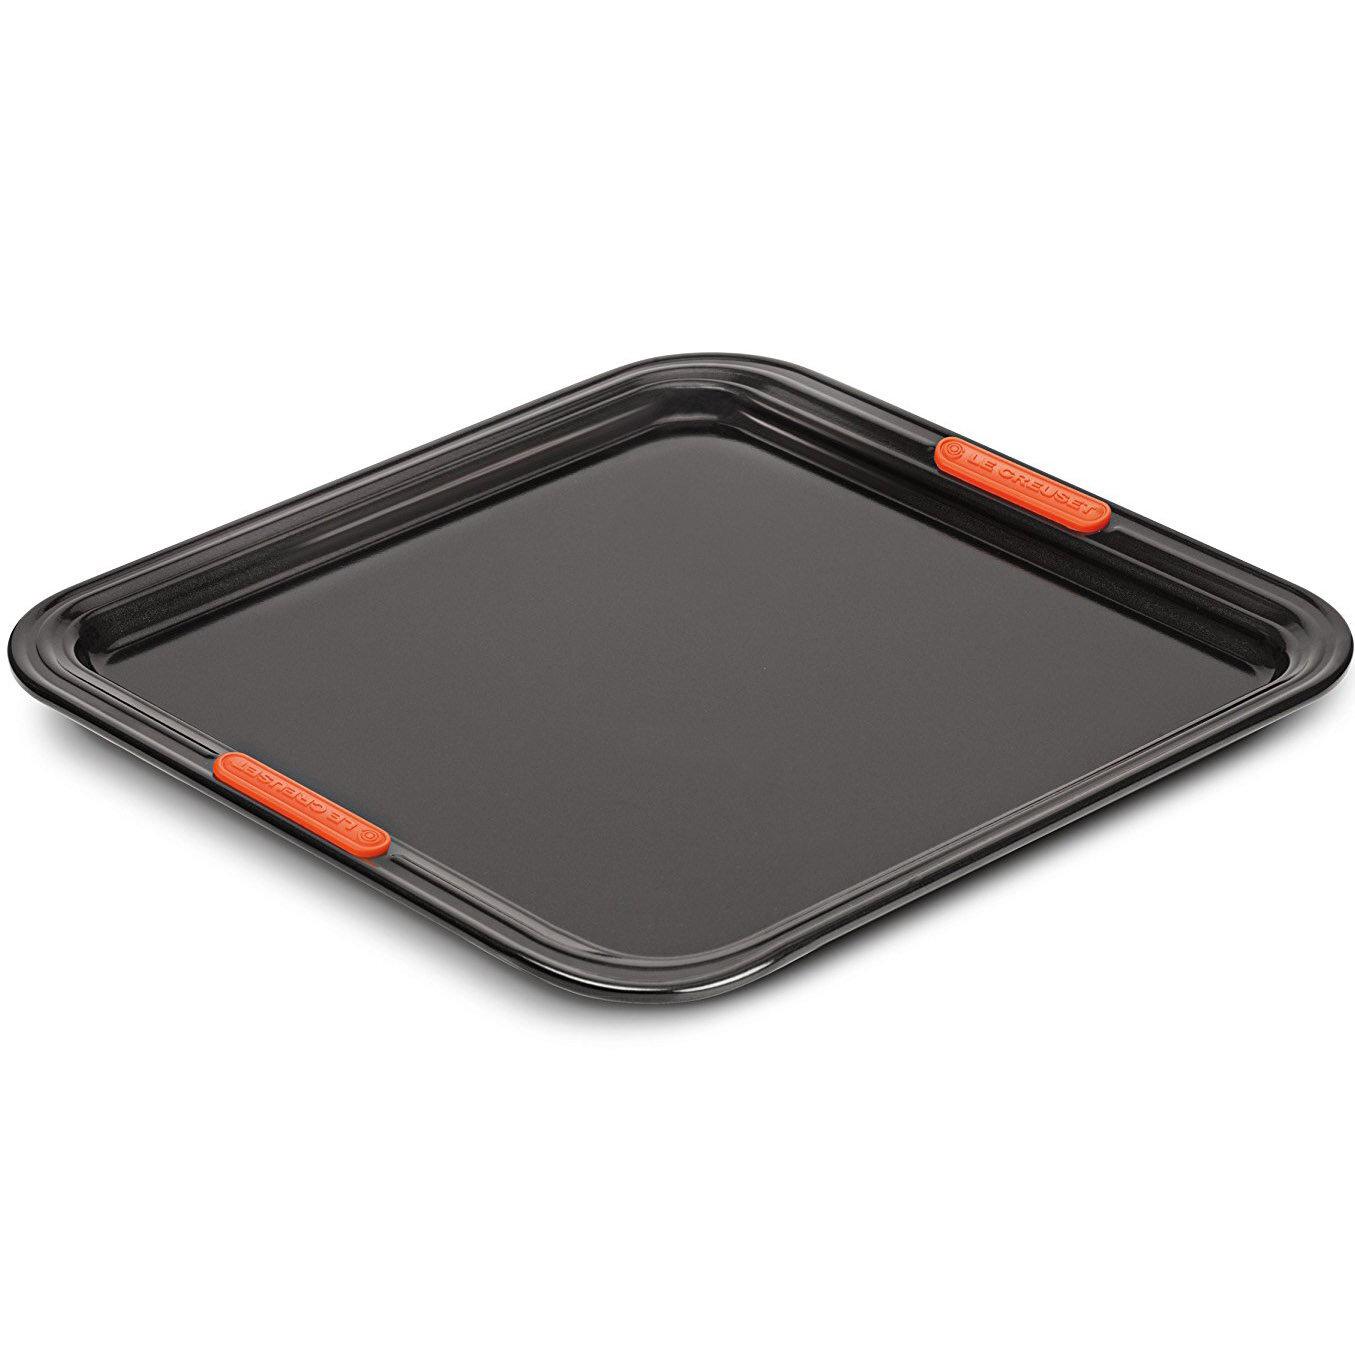 противни для запекания и выпечки Le Creuset Алюминиевый противень с антипригарным покрытием, 31 х 31 см, черный